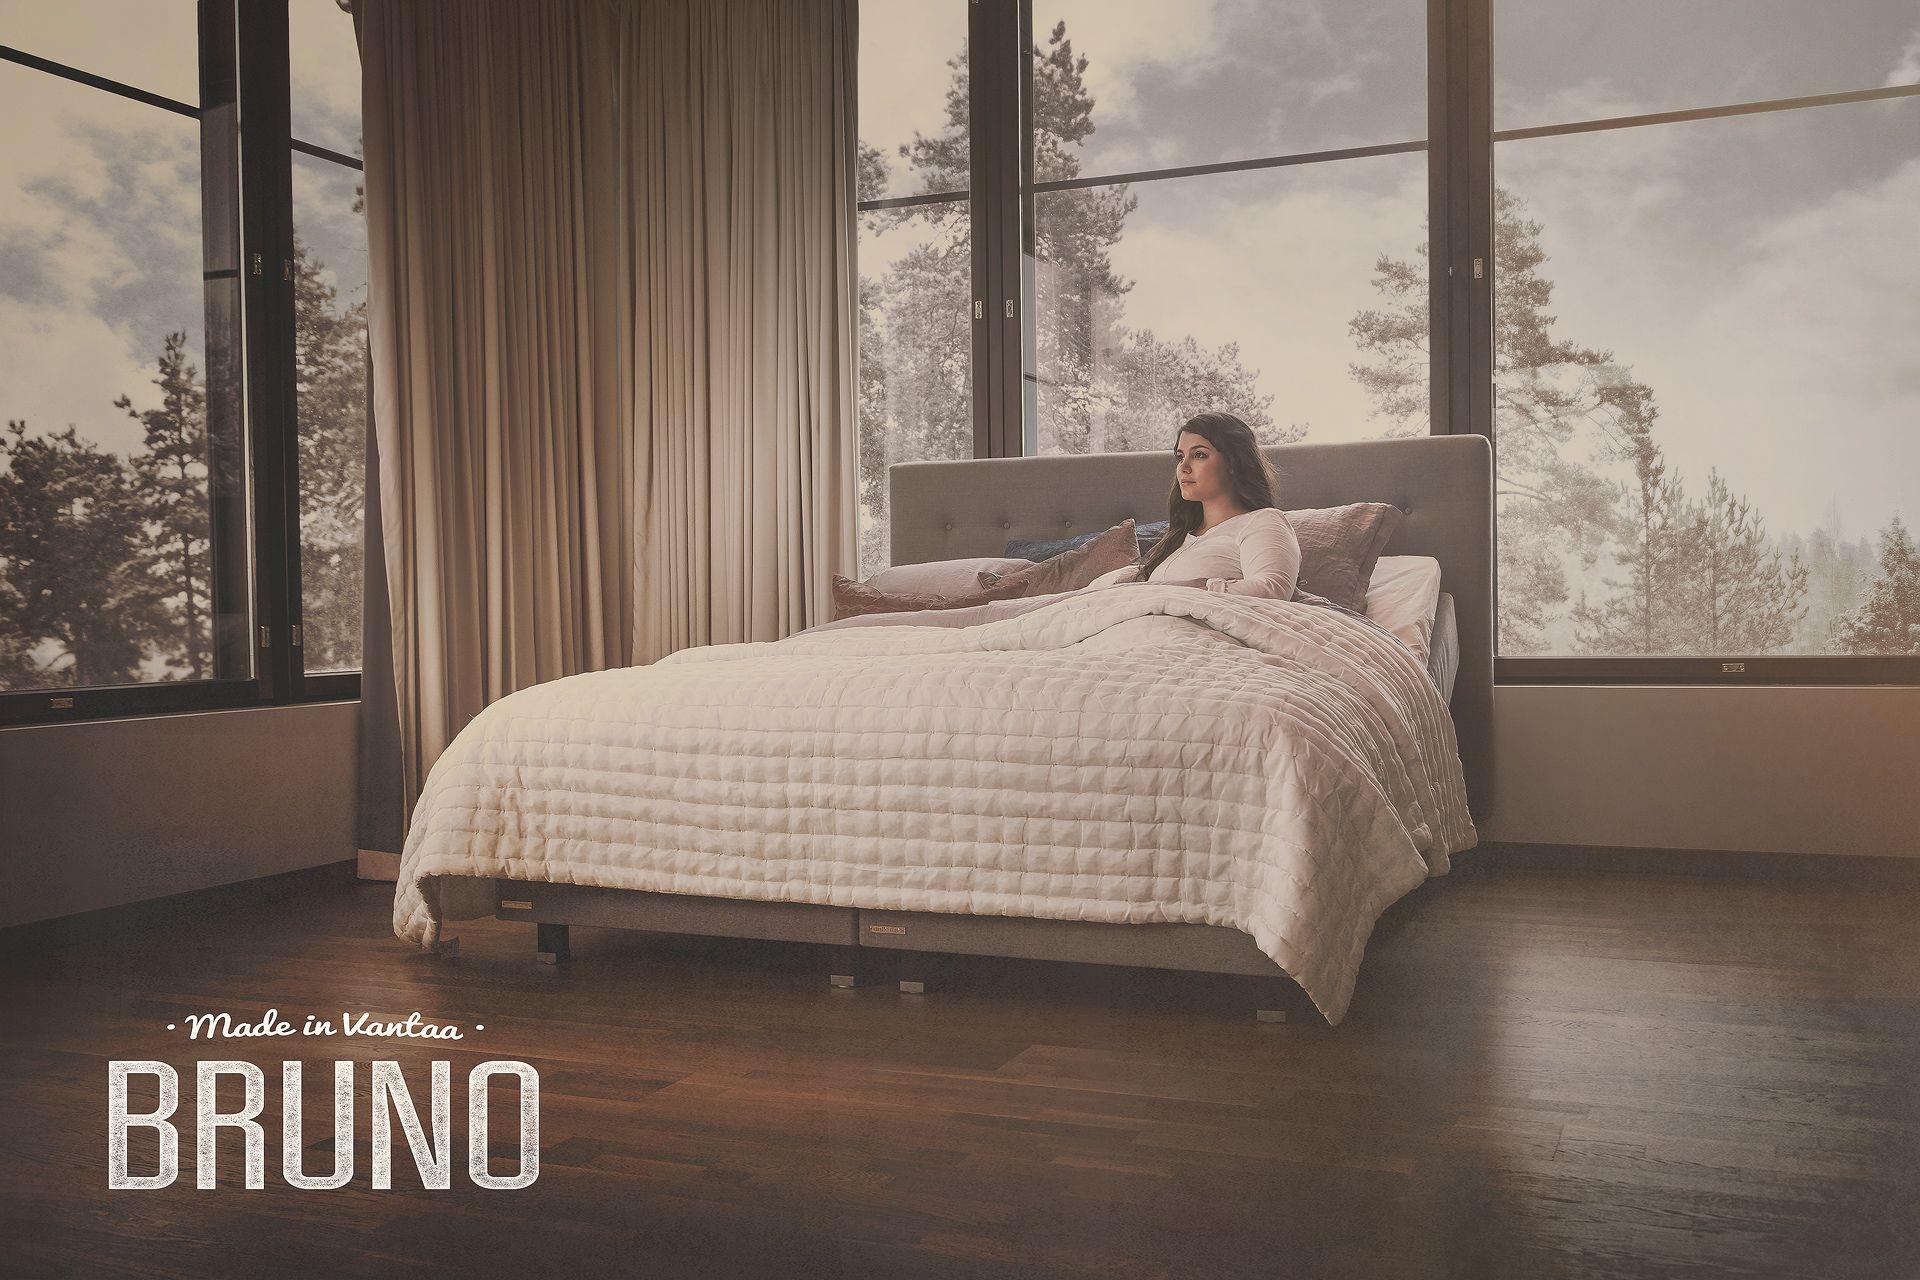 Paina pääsi tyynyyn, jolla nukut hyvin. #habitare2015 #design #sisustus #messut #helsinki #messukeskus